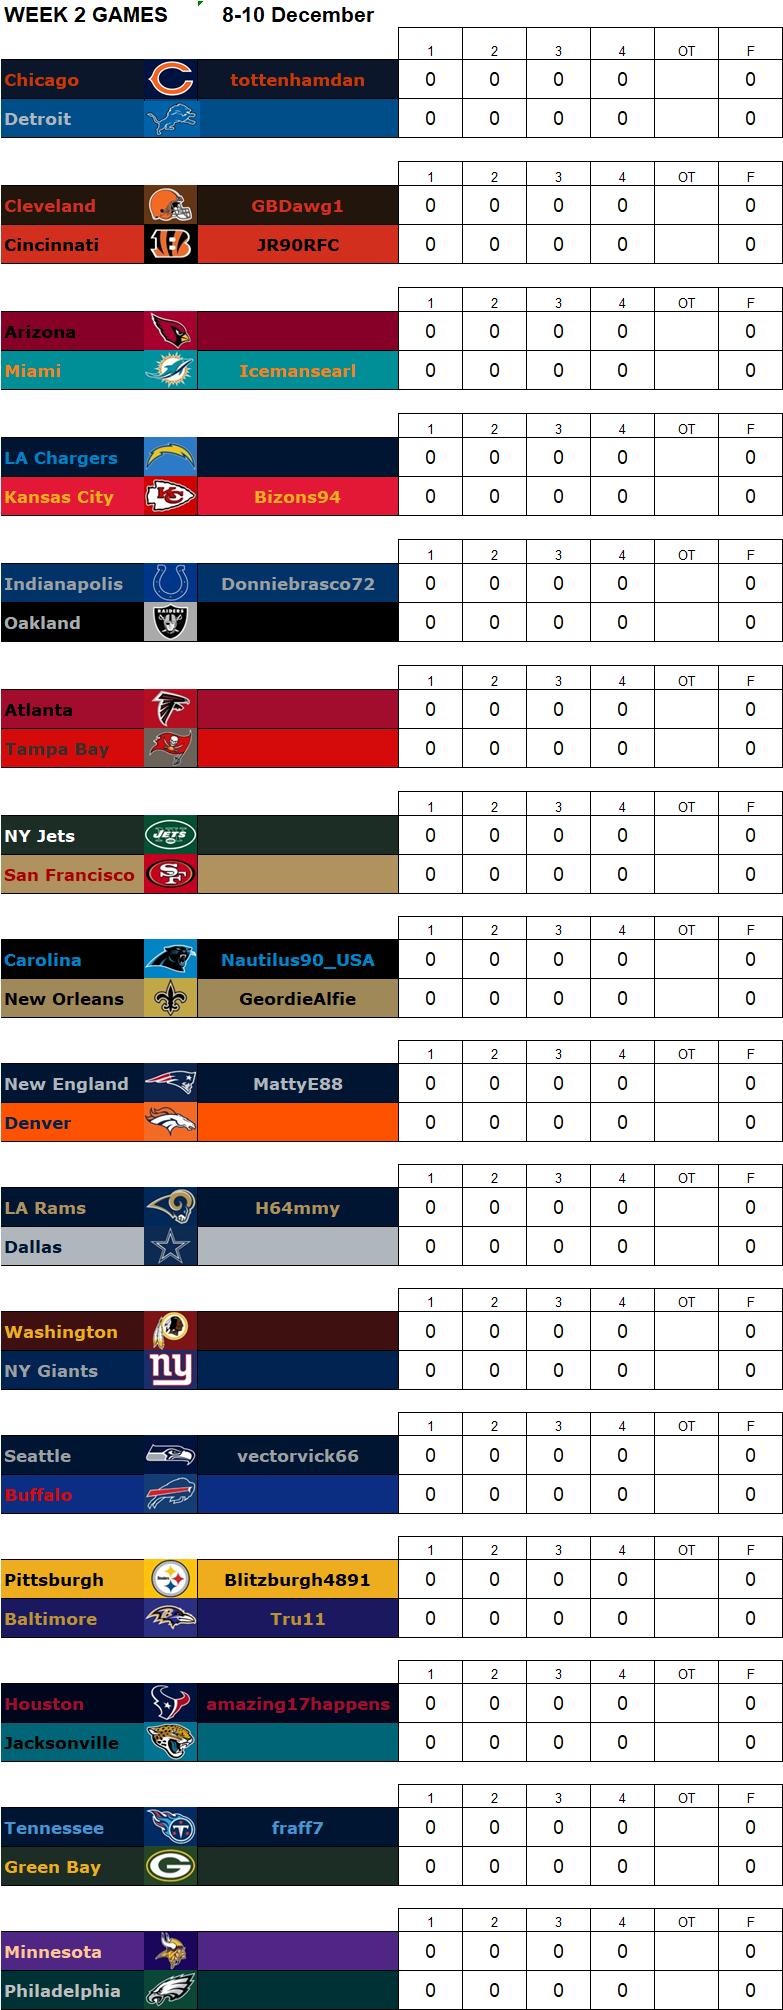 Week 2 Regular Season Matchups, 8-10 December W2g20